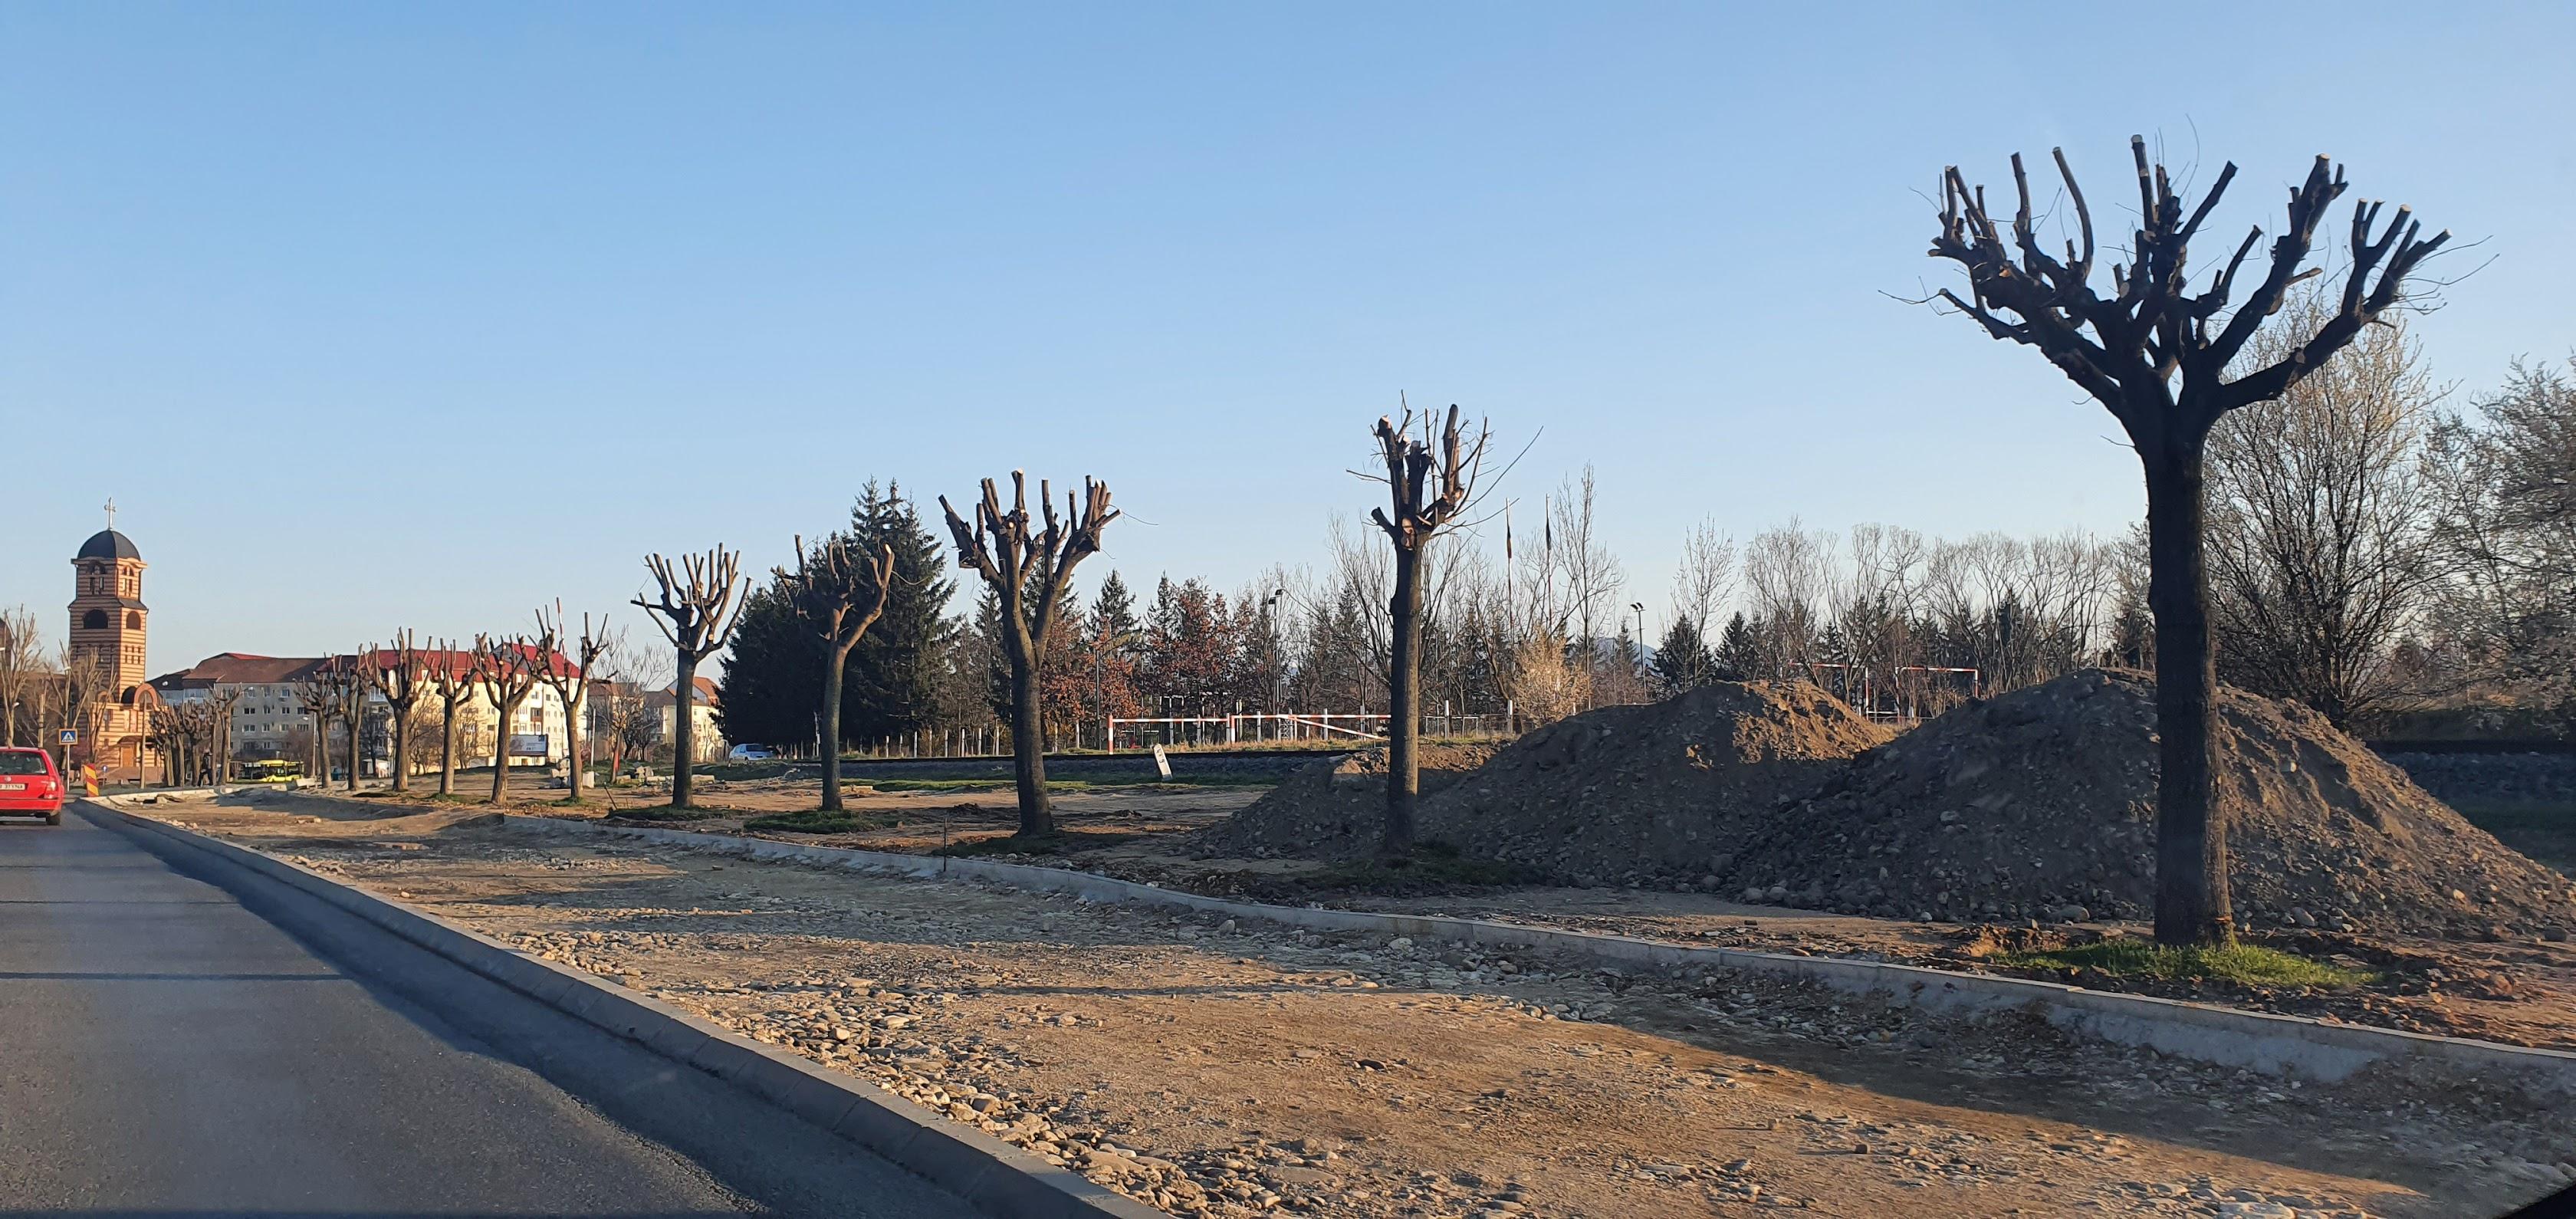 """VIDEO Cum au ajuns zeci de copaci de pe Dumbrăvii în cimitir și pe strada Maramureșului. """"Din păcate, nu avem cultura transplantării"""""""